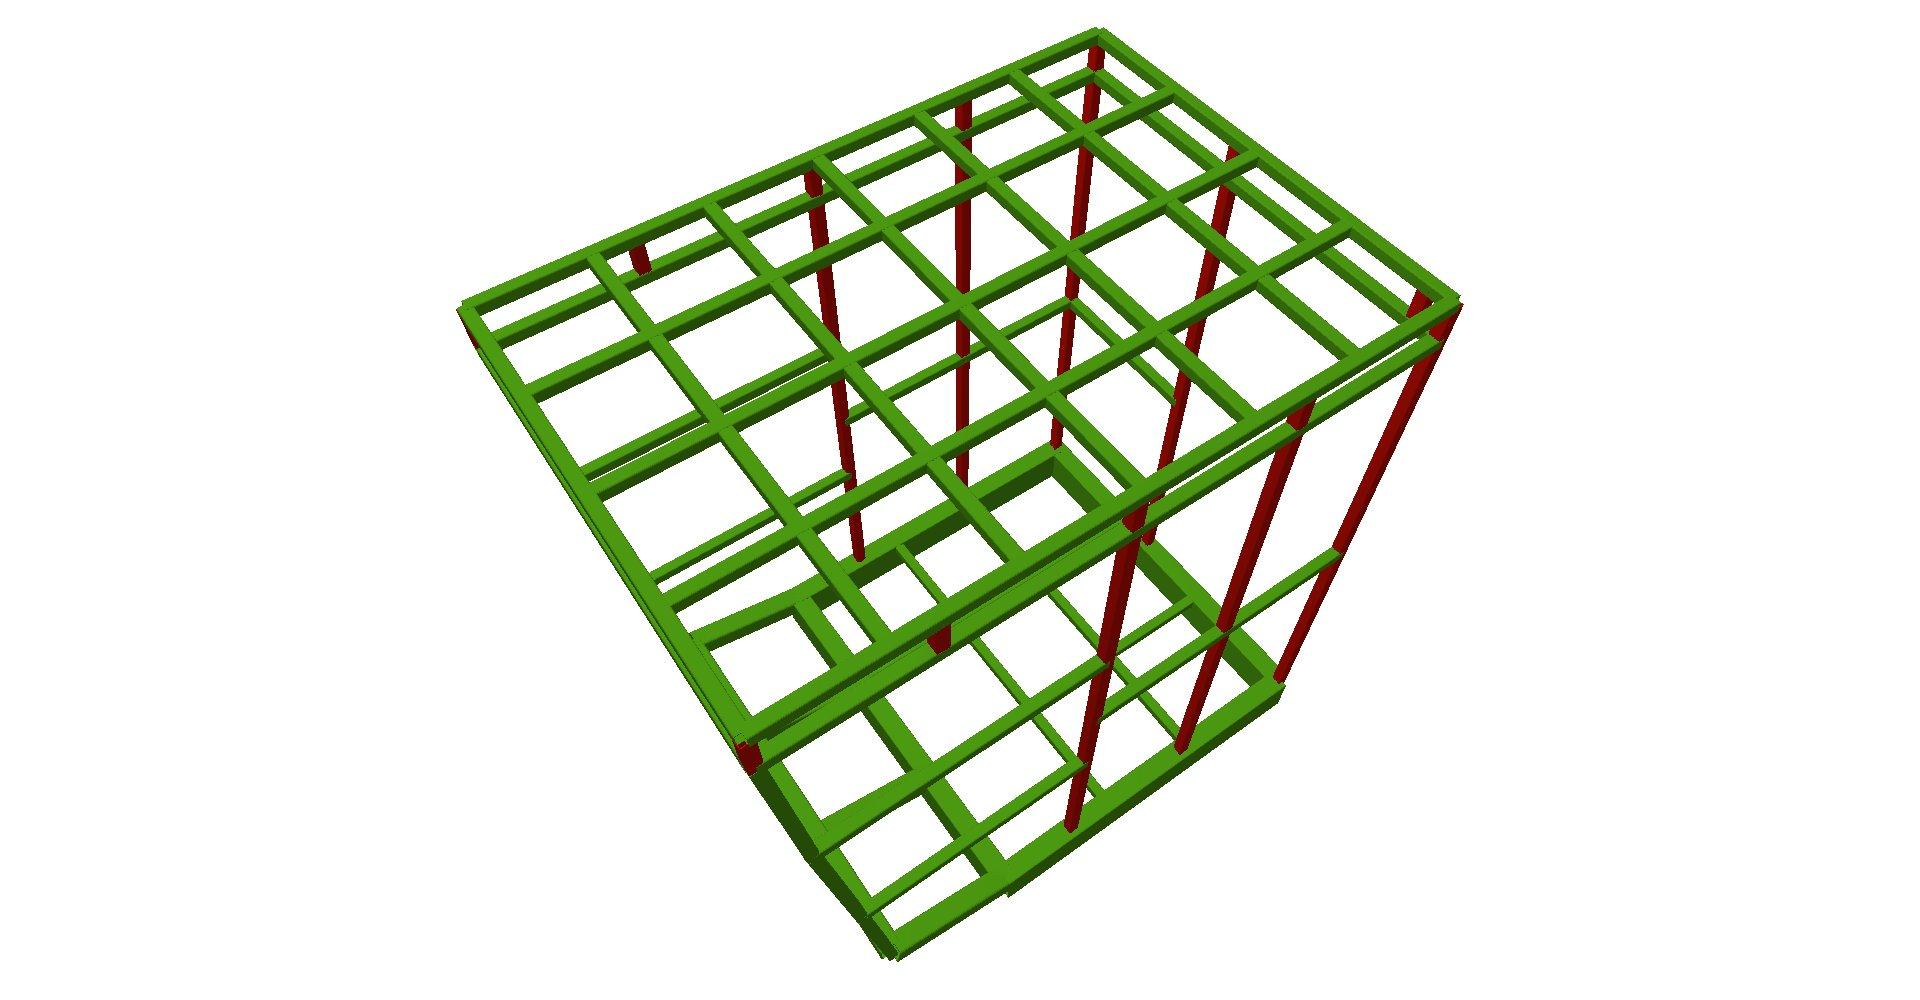 Cabina grúa 02 - Proyectos ACCE Ingeniería